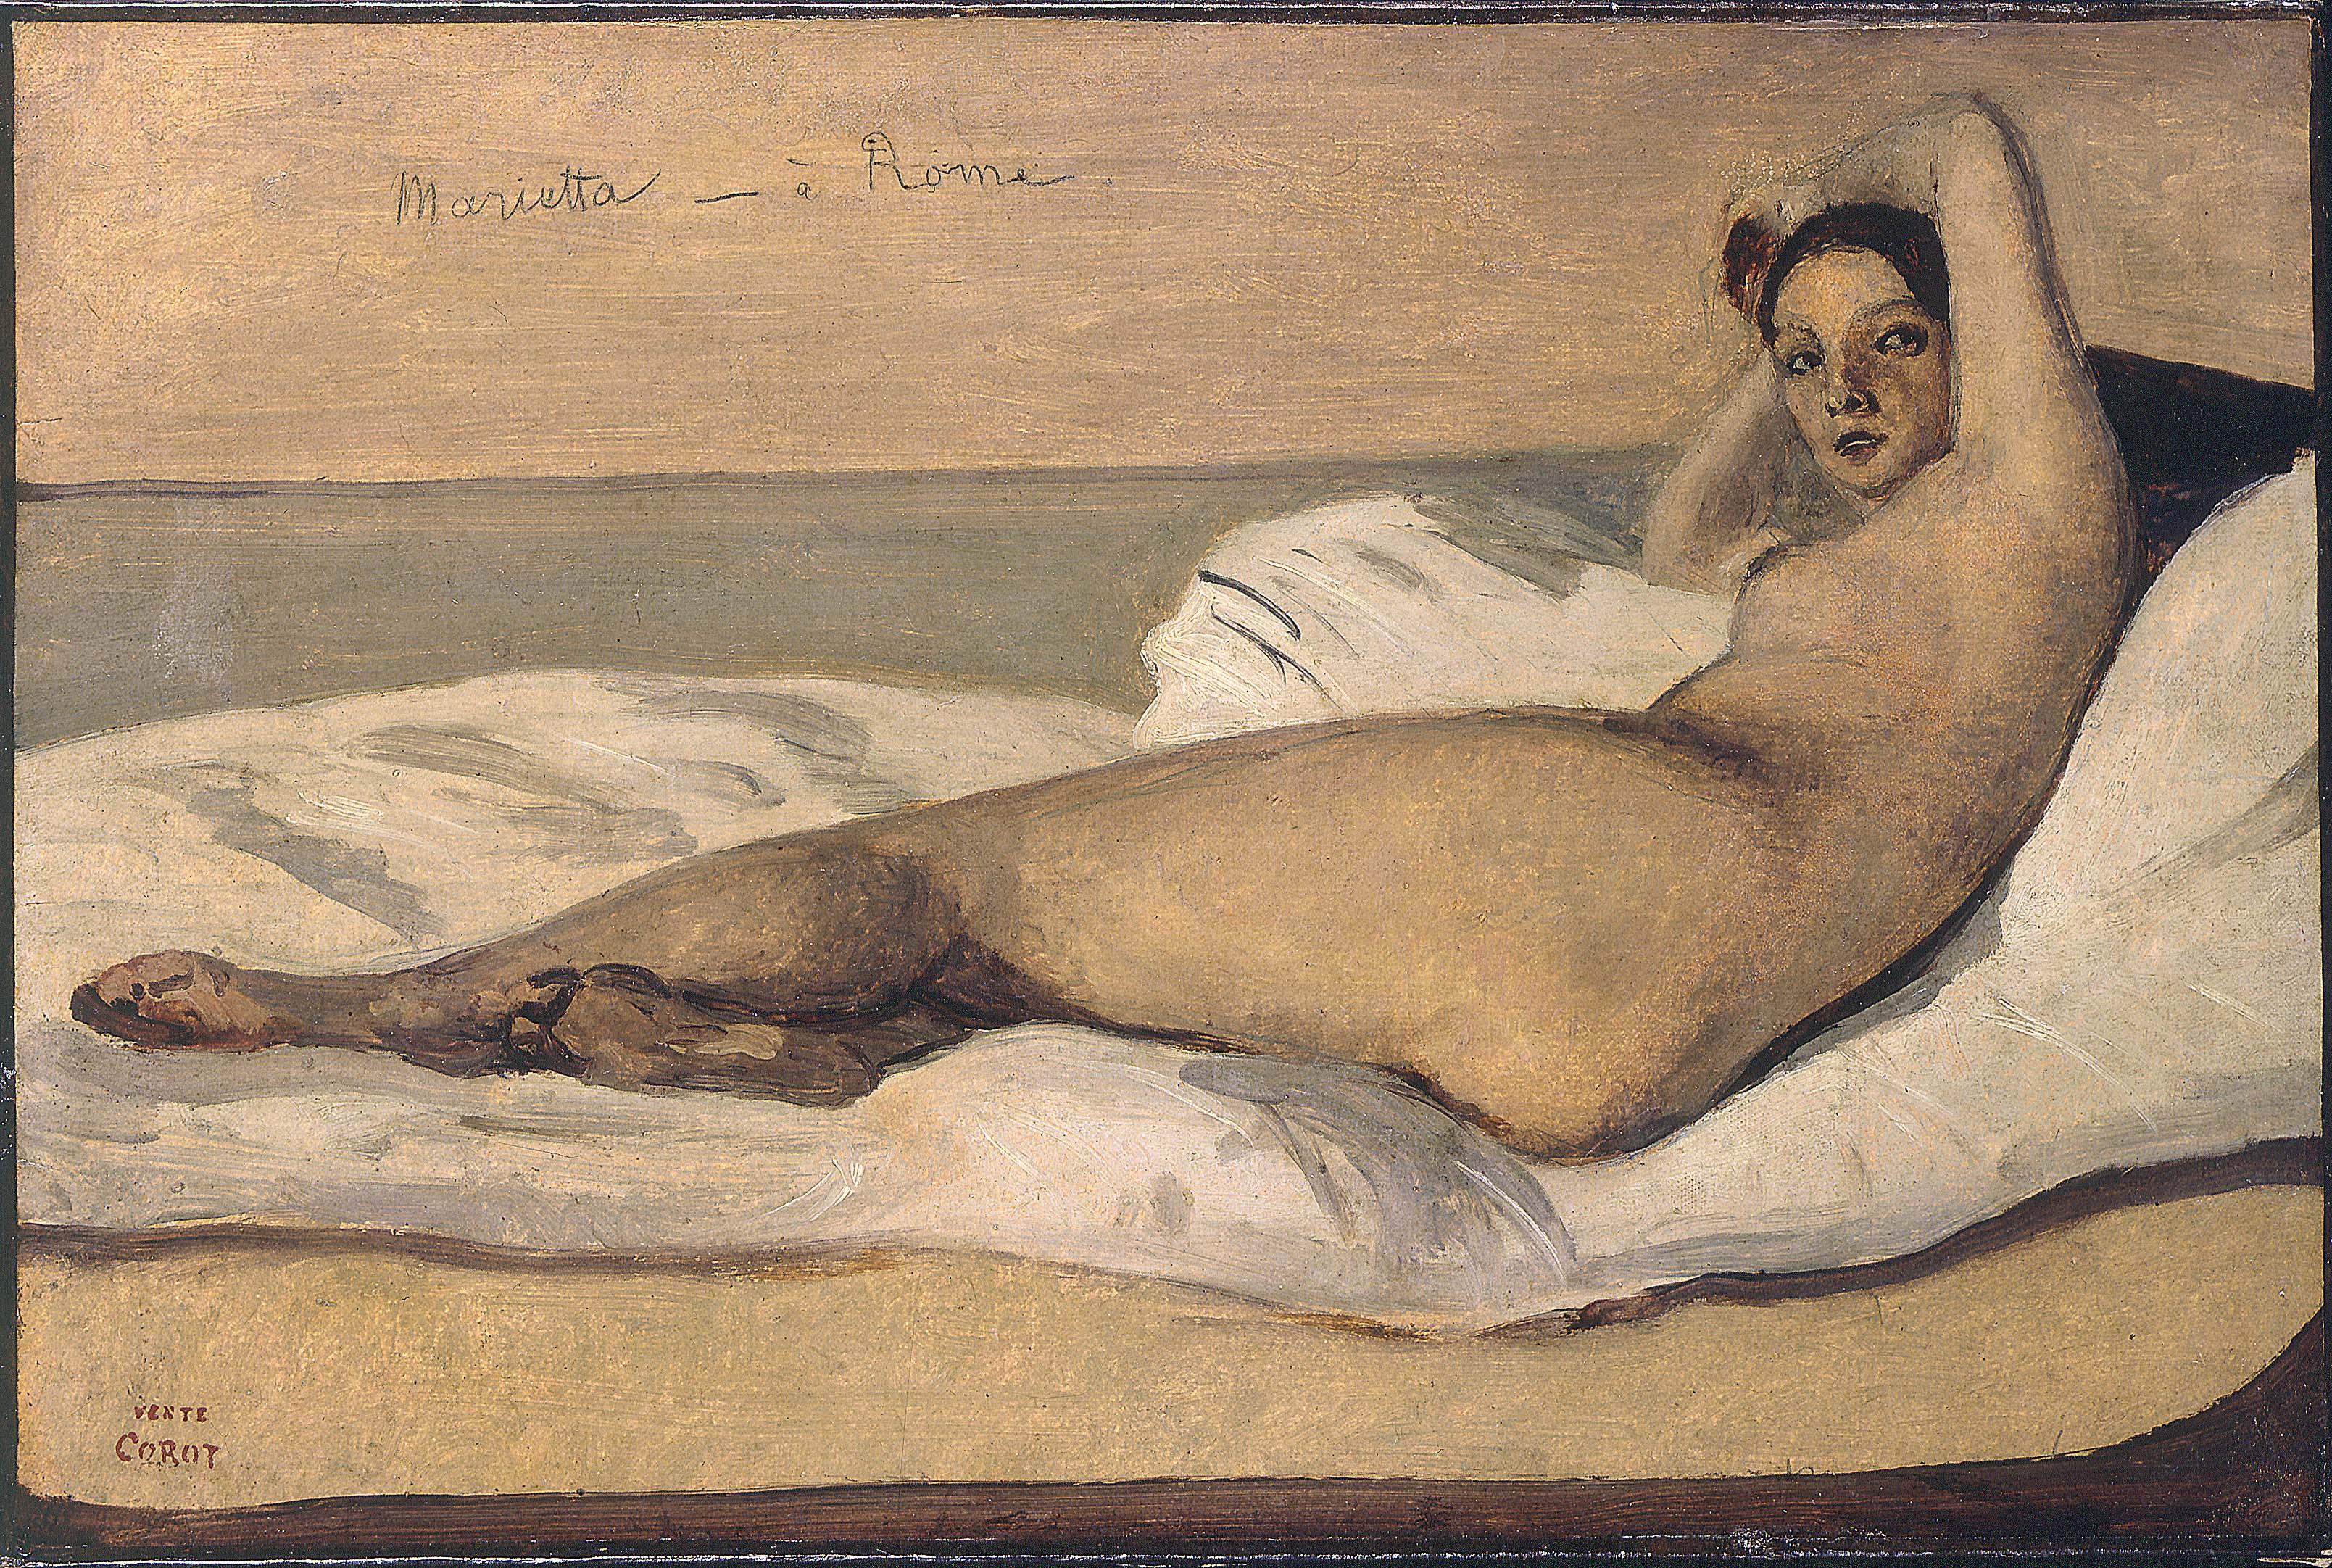 Camille Corot - Marietta